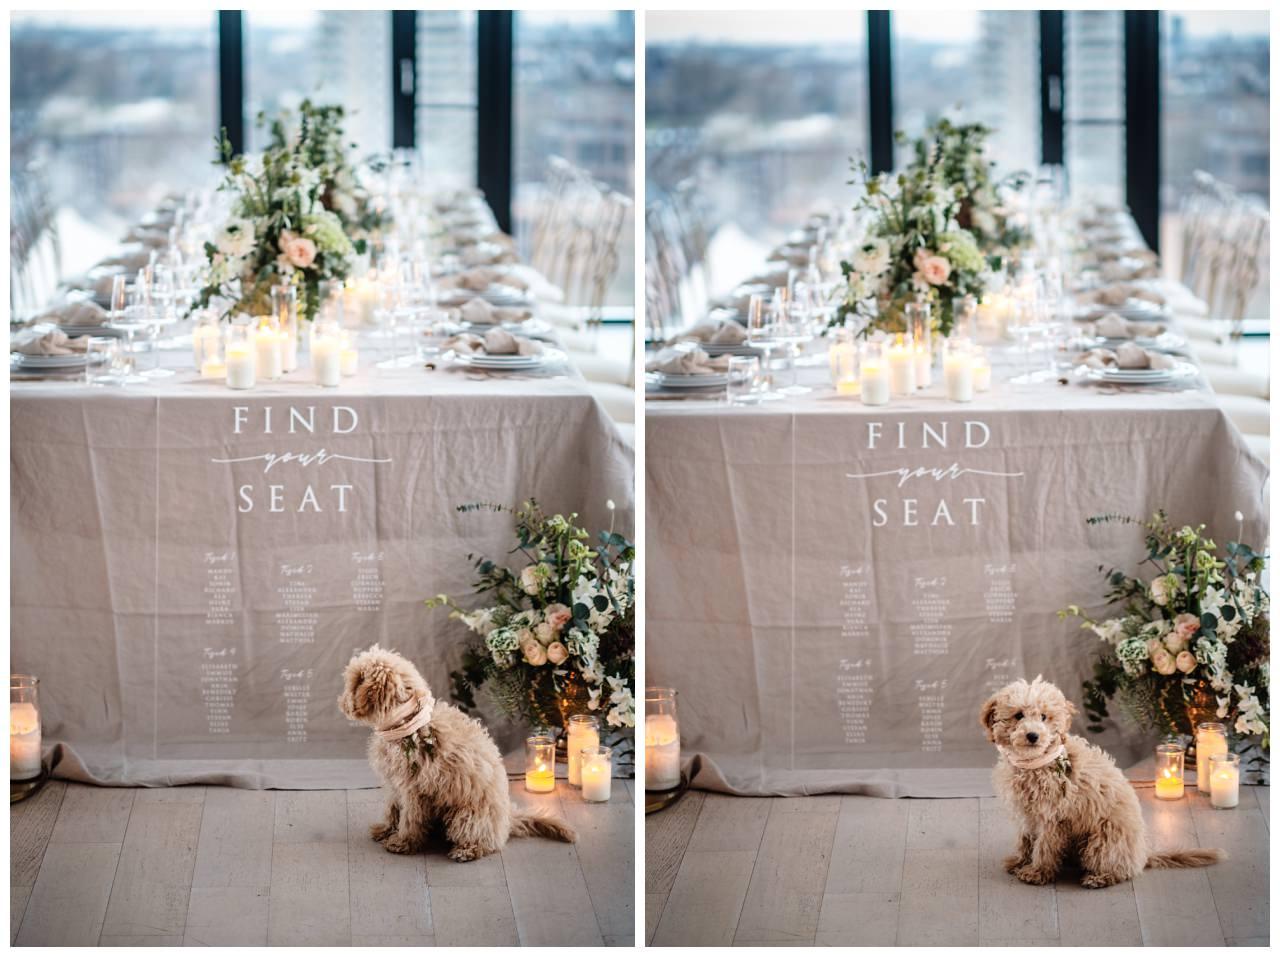 hochzeitsfotos düsseldorf hochzeitsfotograf shooting hund haustier 17 - Hochzeitsfotos in Düsseldorf